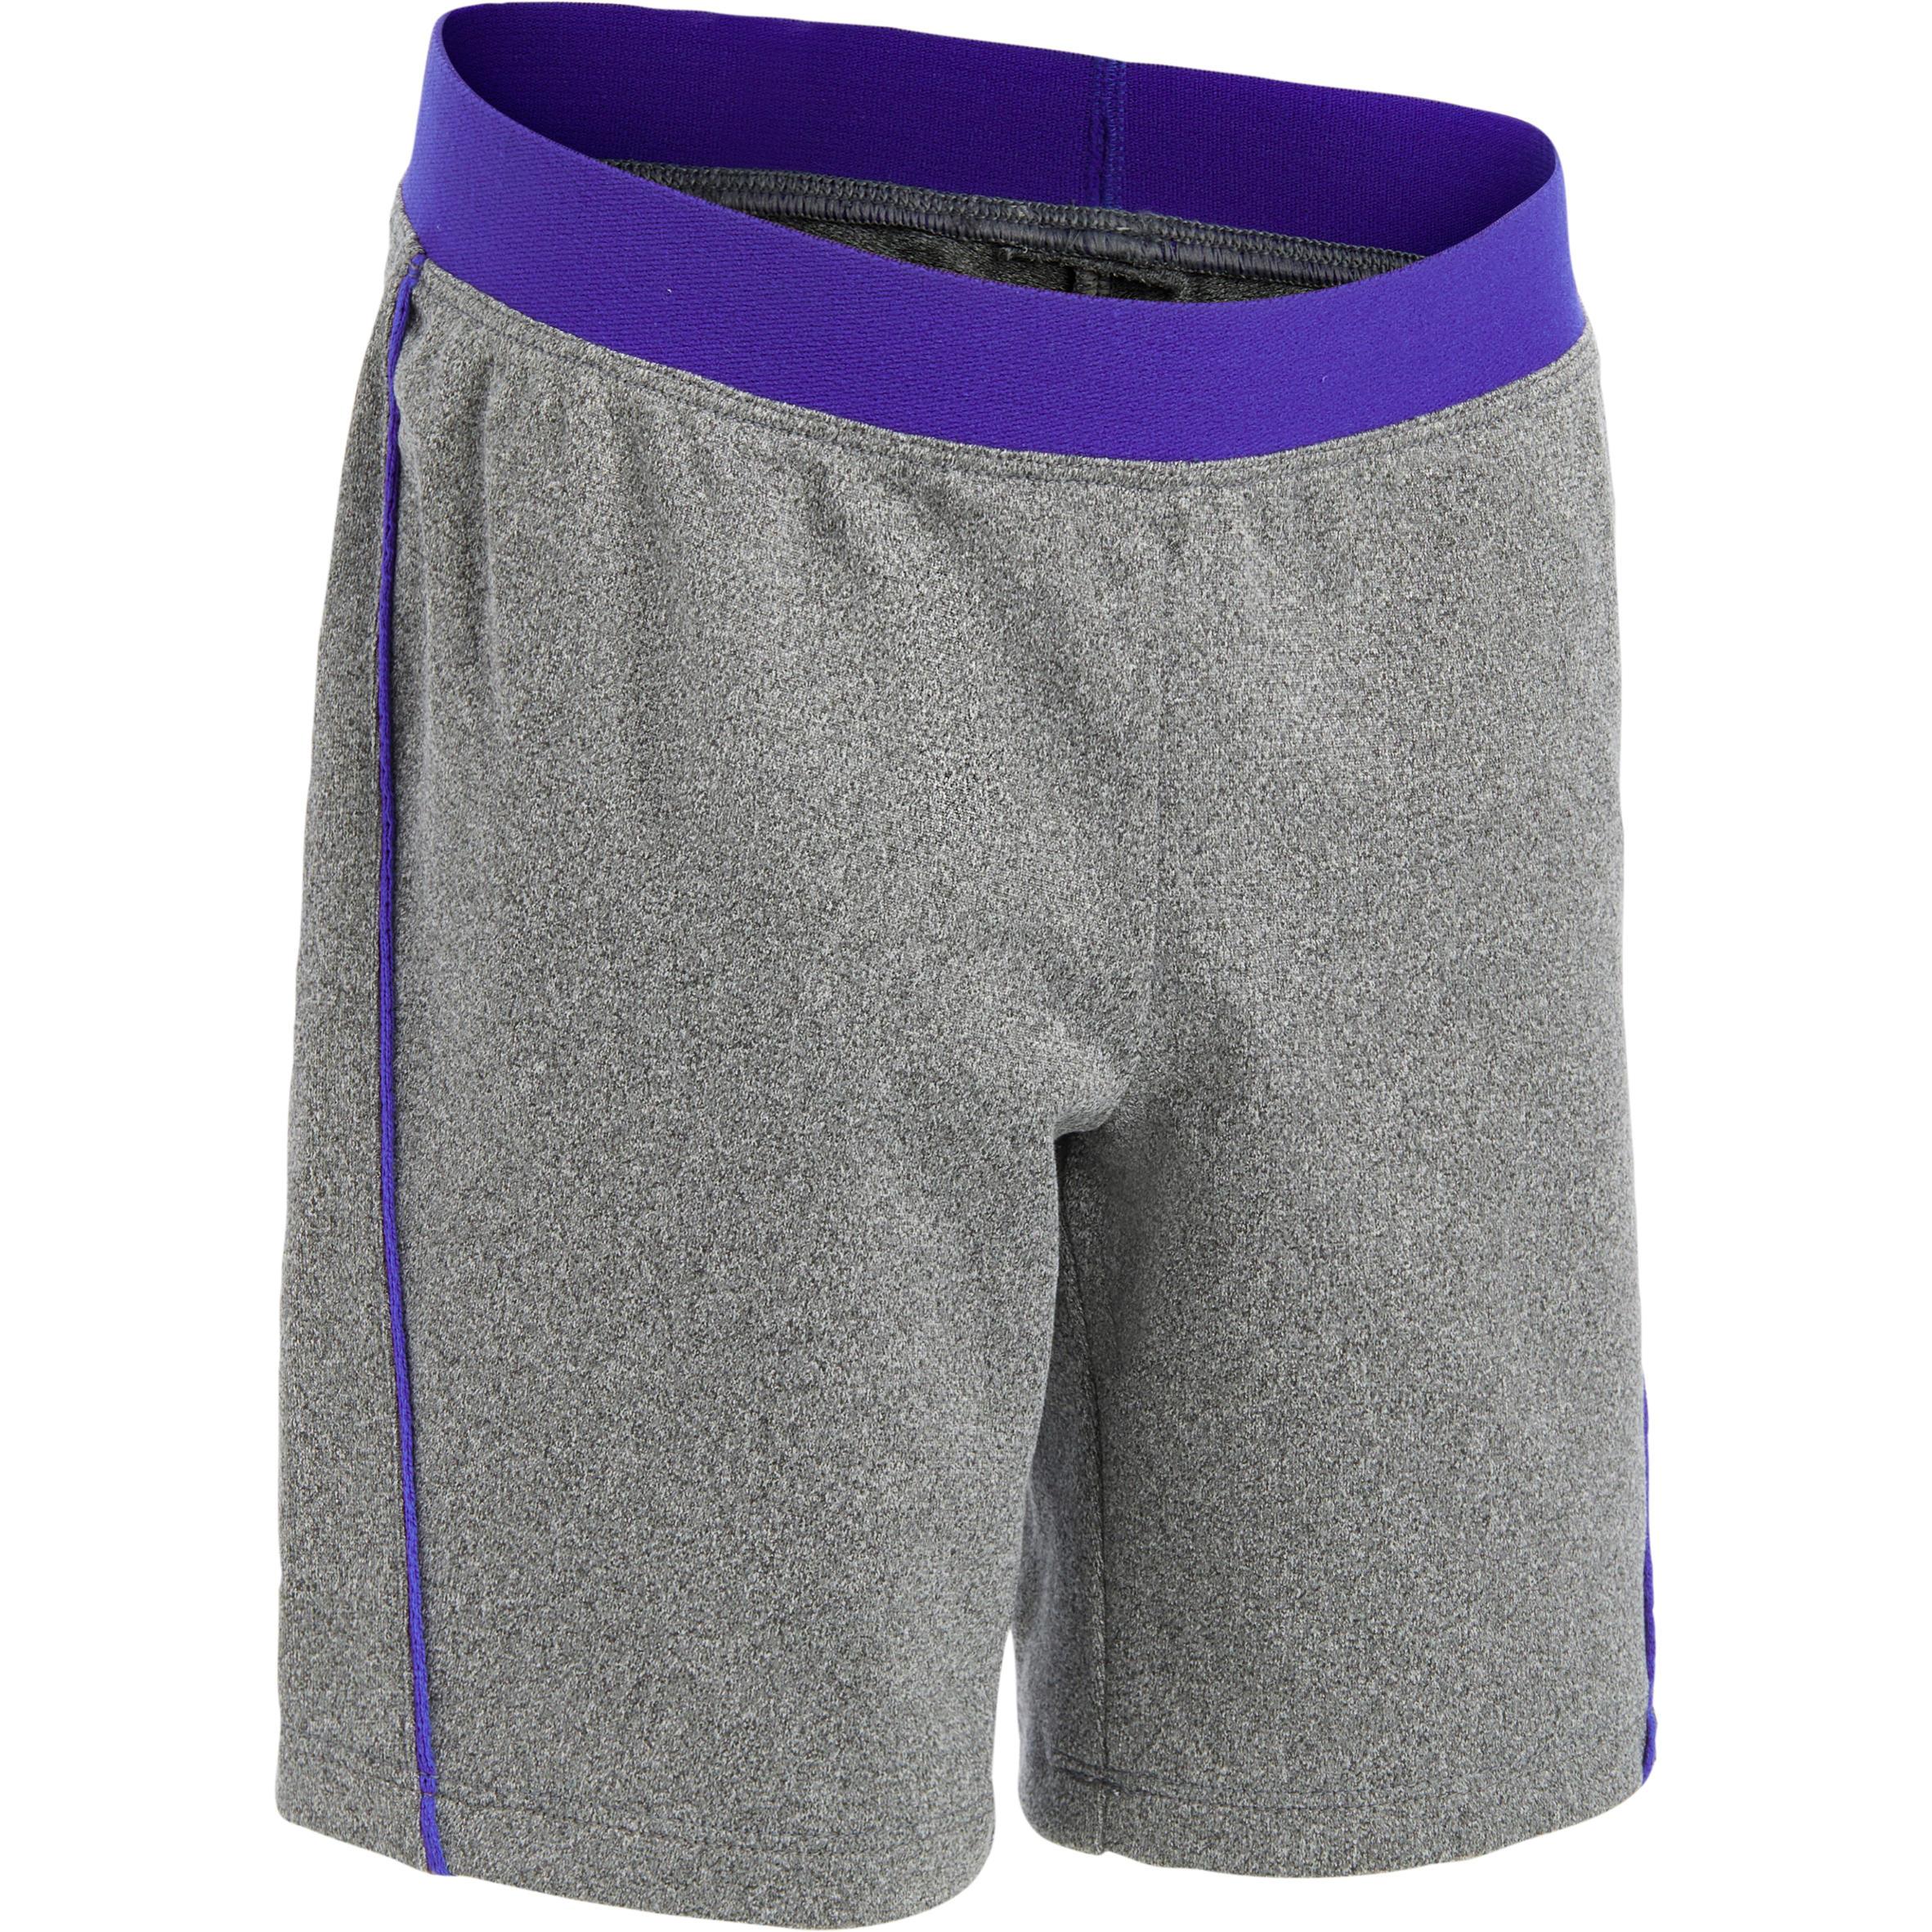 560 Baby Gym Shorts - Grey/Blue